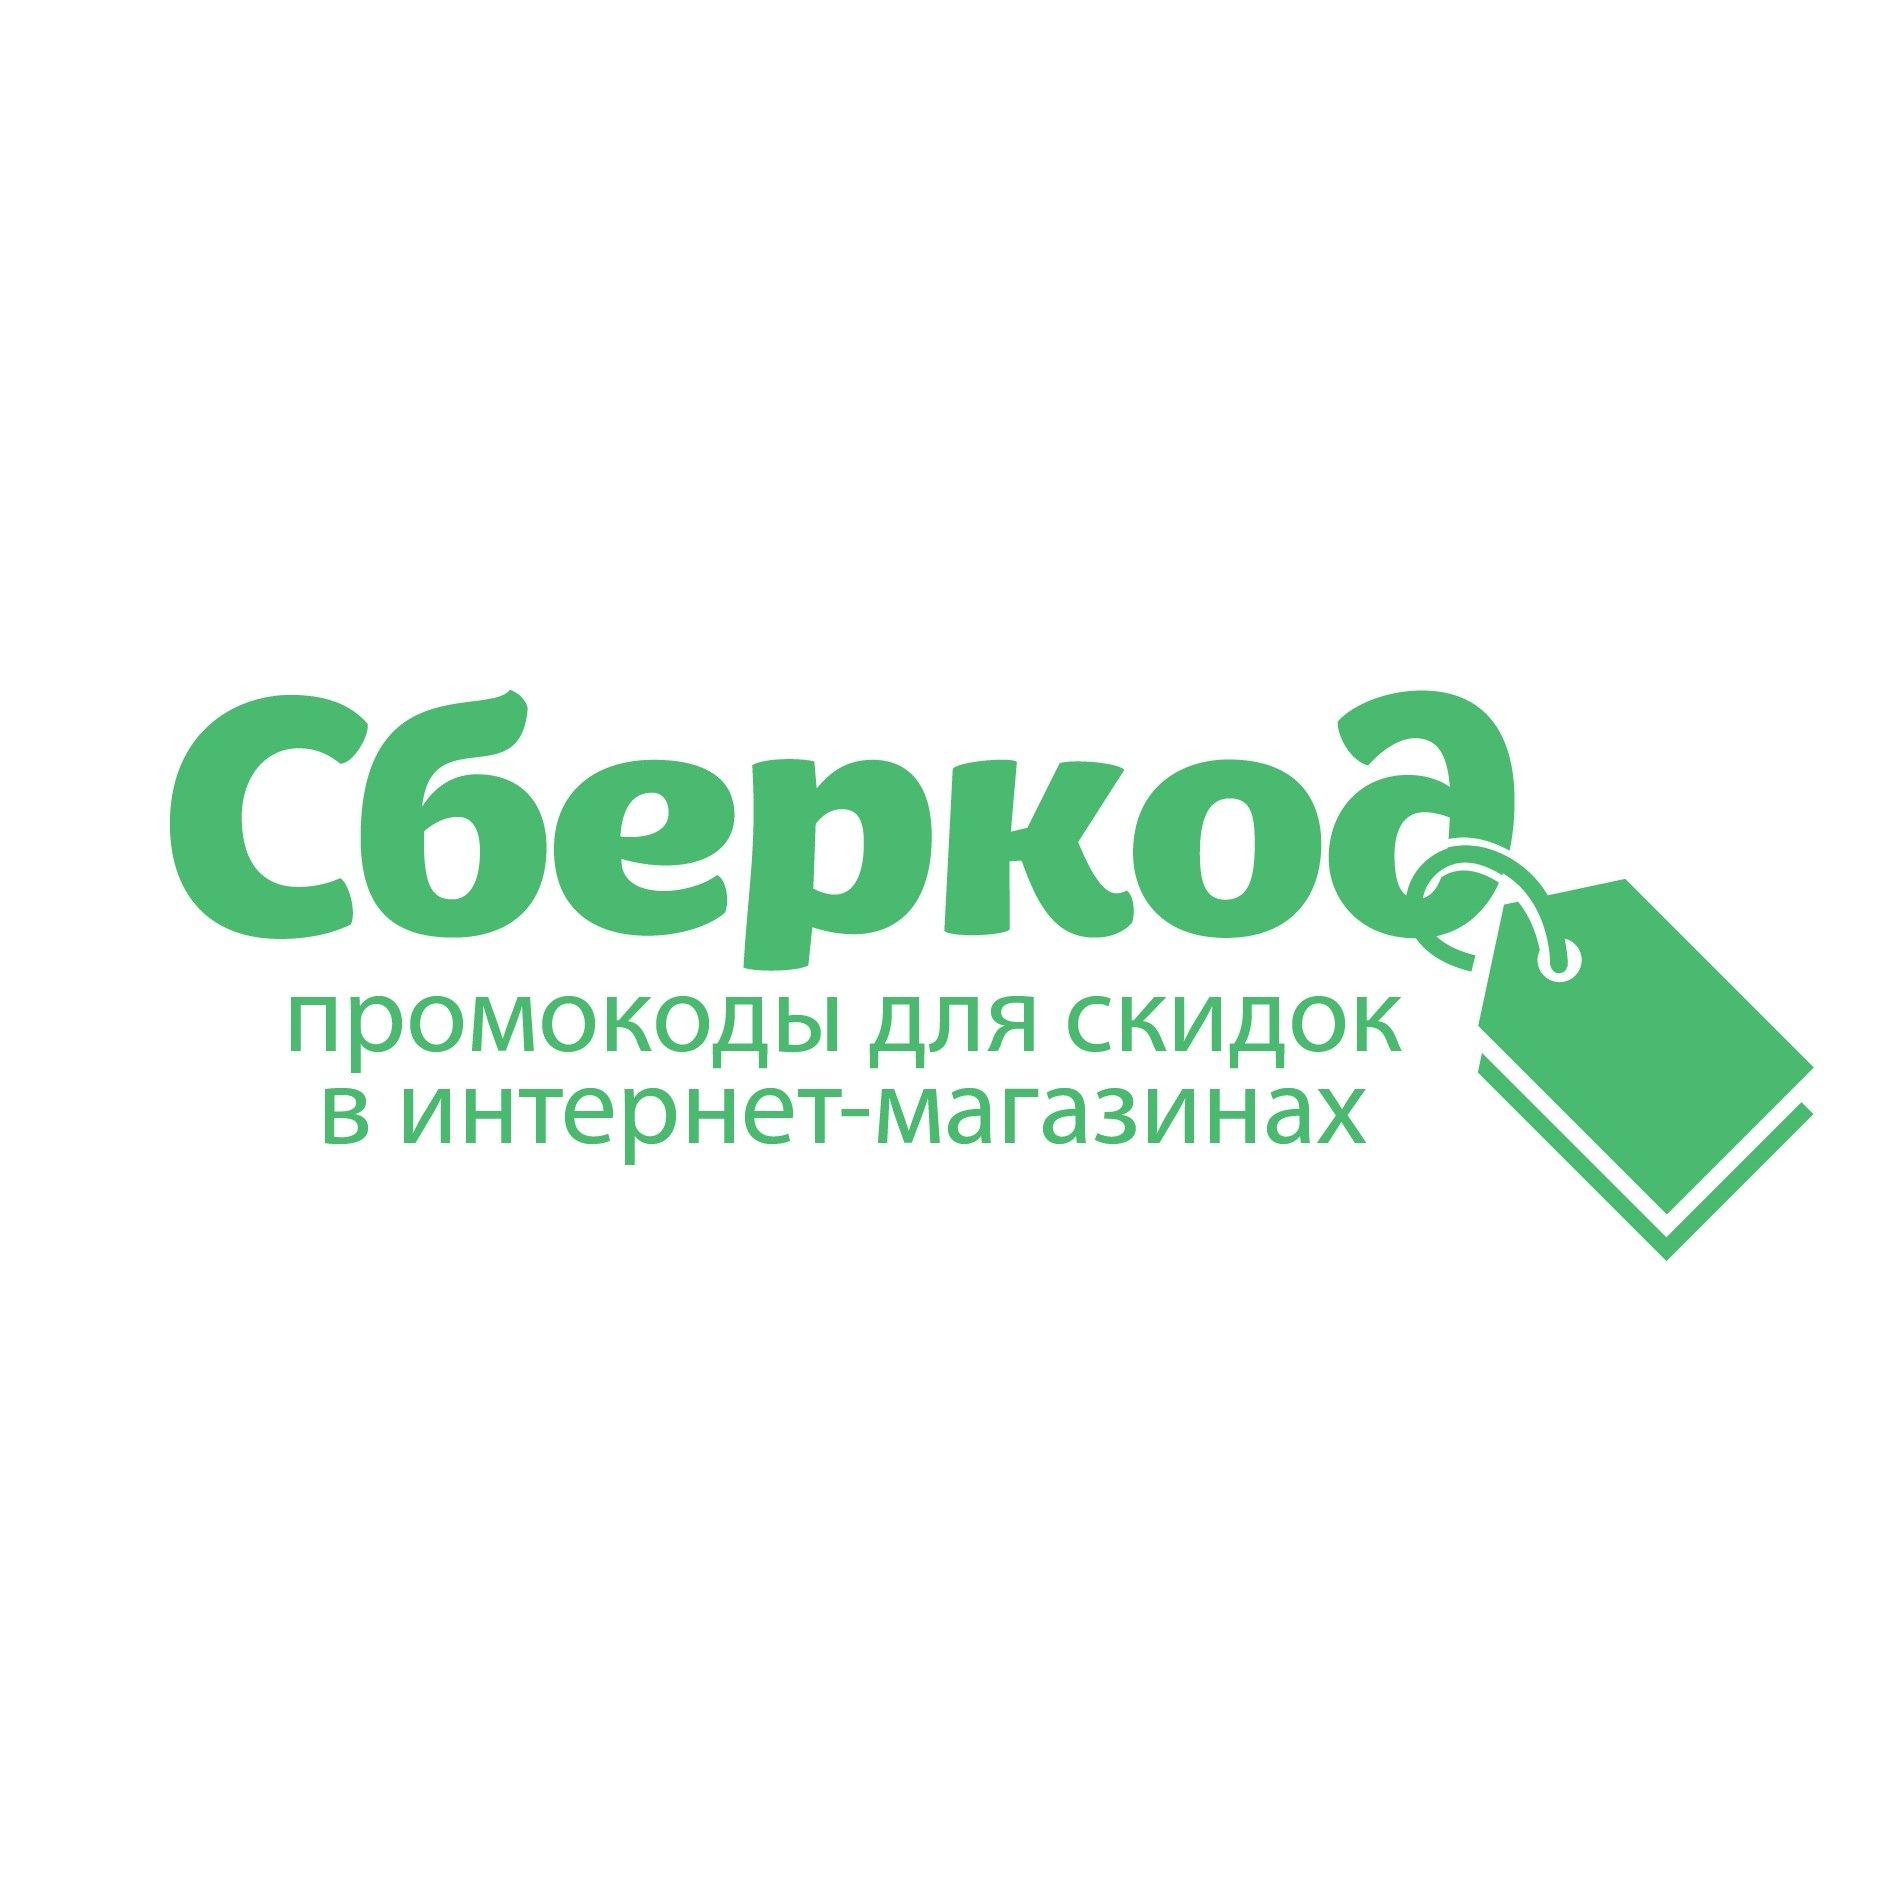 https://sberkod.ru/